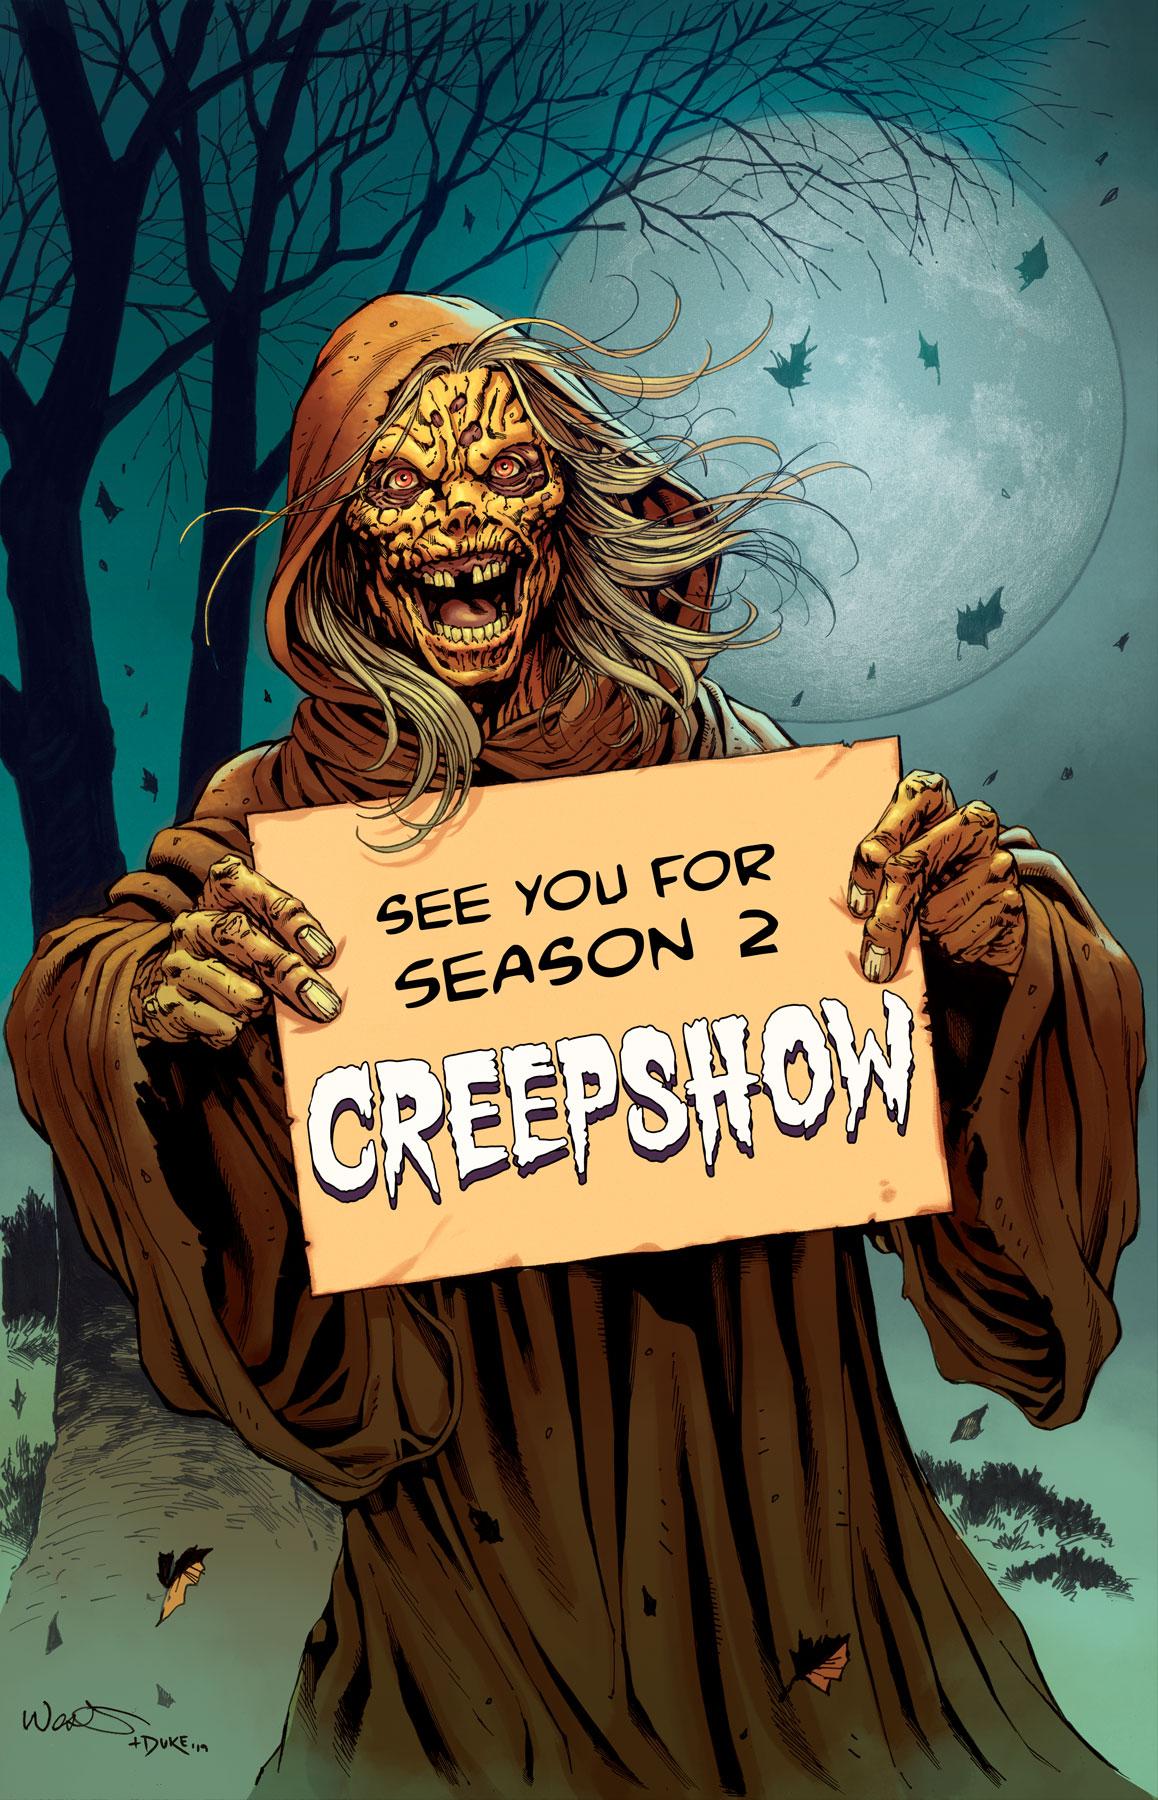 Creepshow Season 2, Shudder